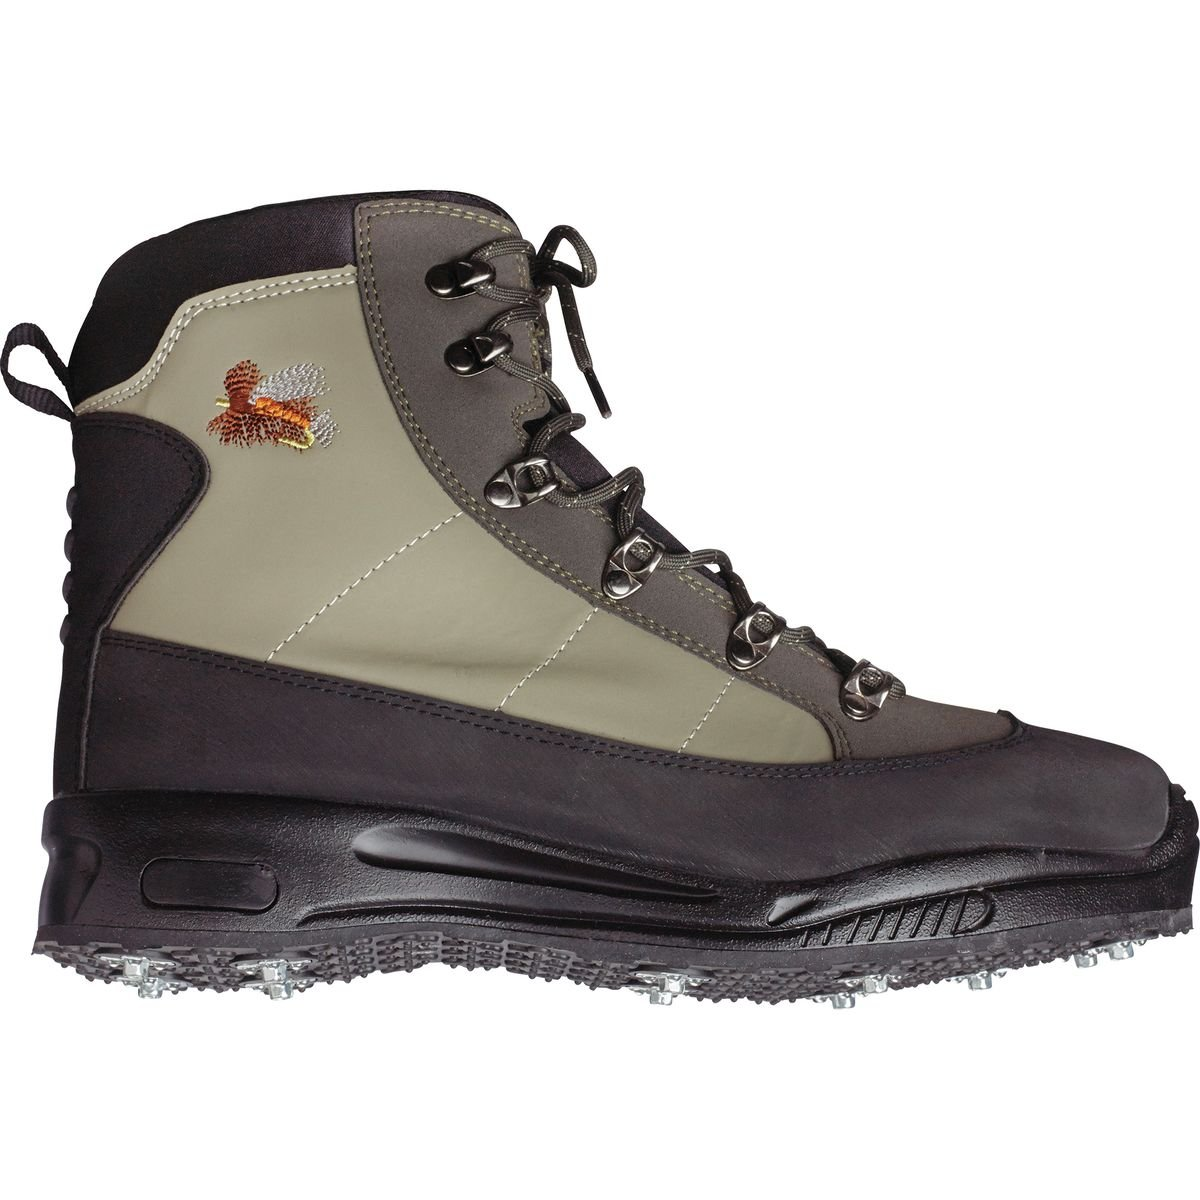 大人気新作 Caddis 10 Northern GuideプラチナWading Shoes withスタッドキット B01EAMUEIQ 10 Caddis D(M) D(M) US|グレー グレー 10 D(M) US, 印鑑大統領:ca1e83d4 --- ballyshannonshow.com